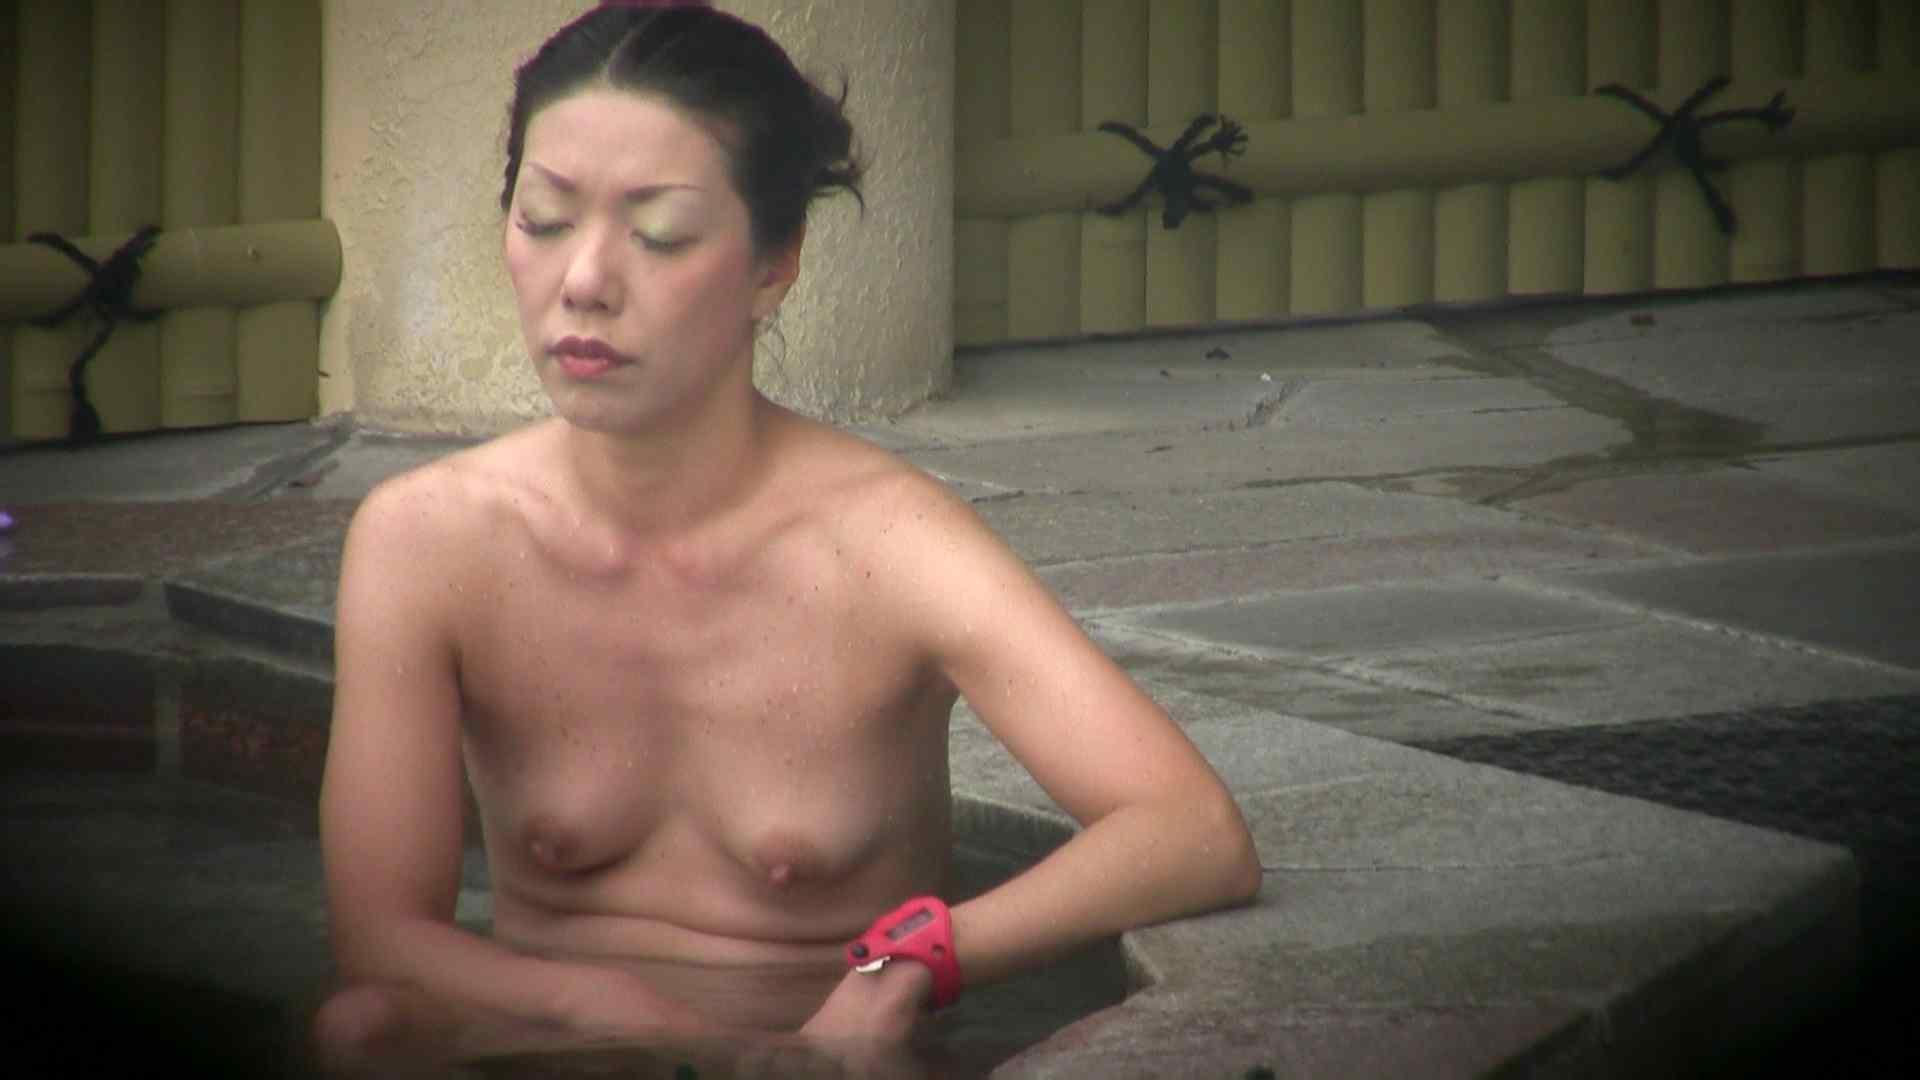 高画質露天女風呂観察 vol.036 入浴 盗撮われめAV動画紹介 96画像 39